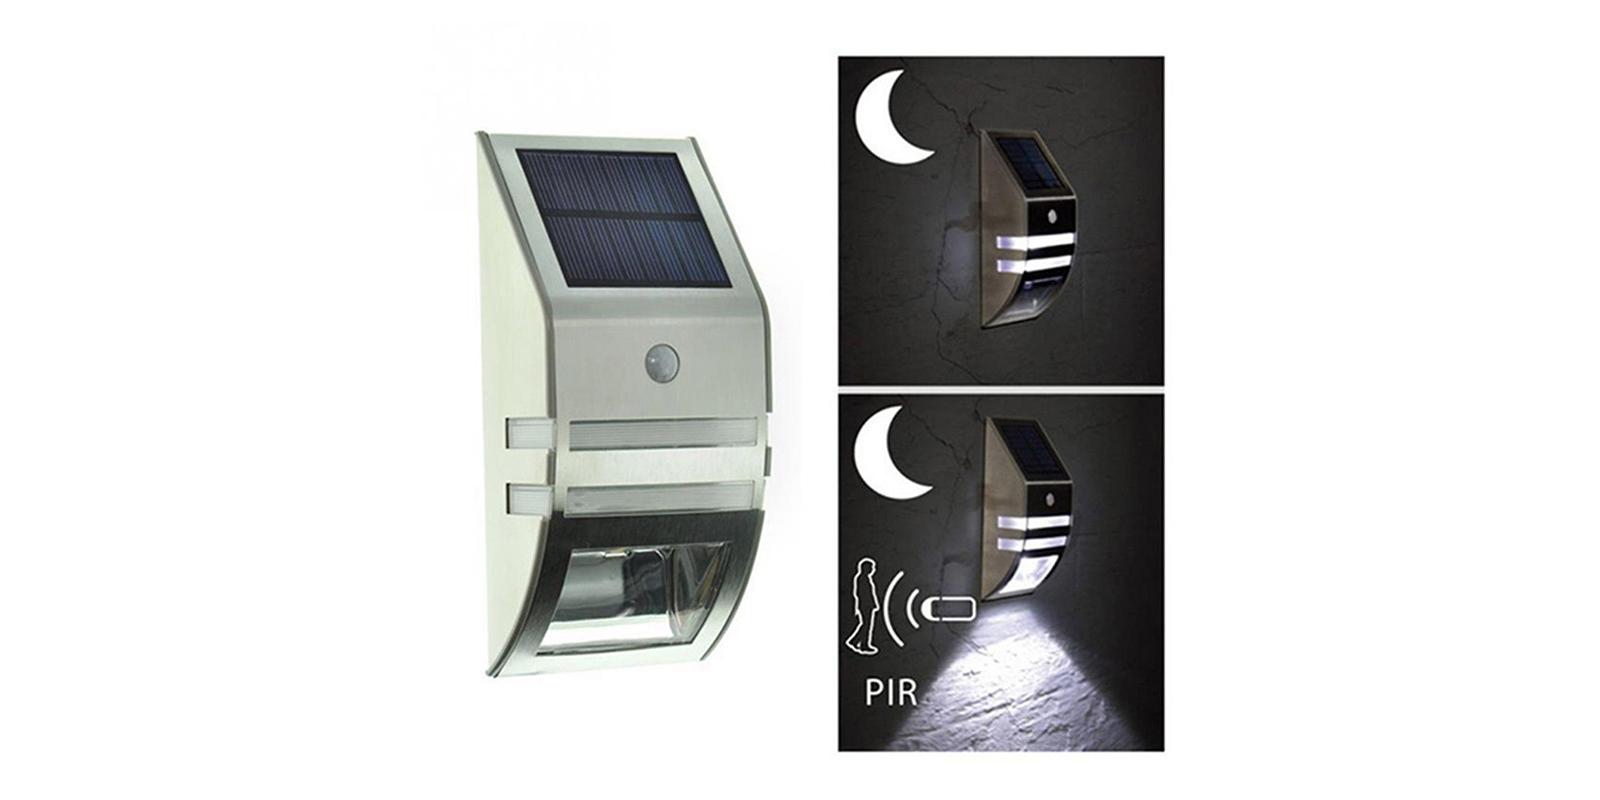 Luce Per Esterno Con Pannello Solare.Lampada Led Con Pannello Solare Crepuscolare Muro Sensore Esterno Luce Fredda